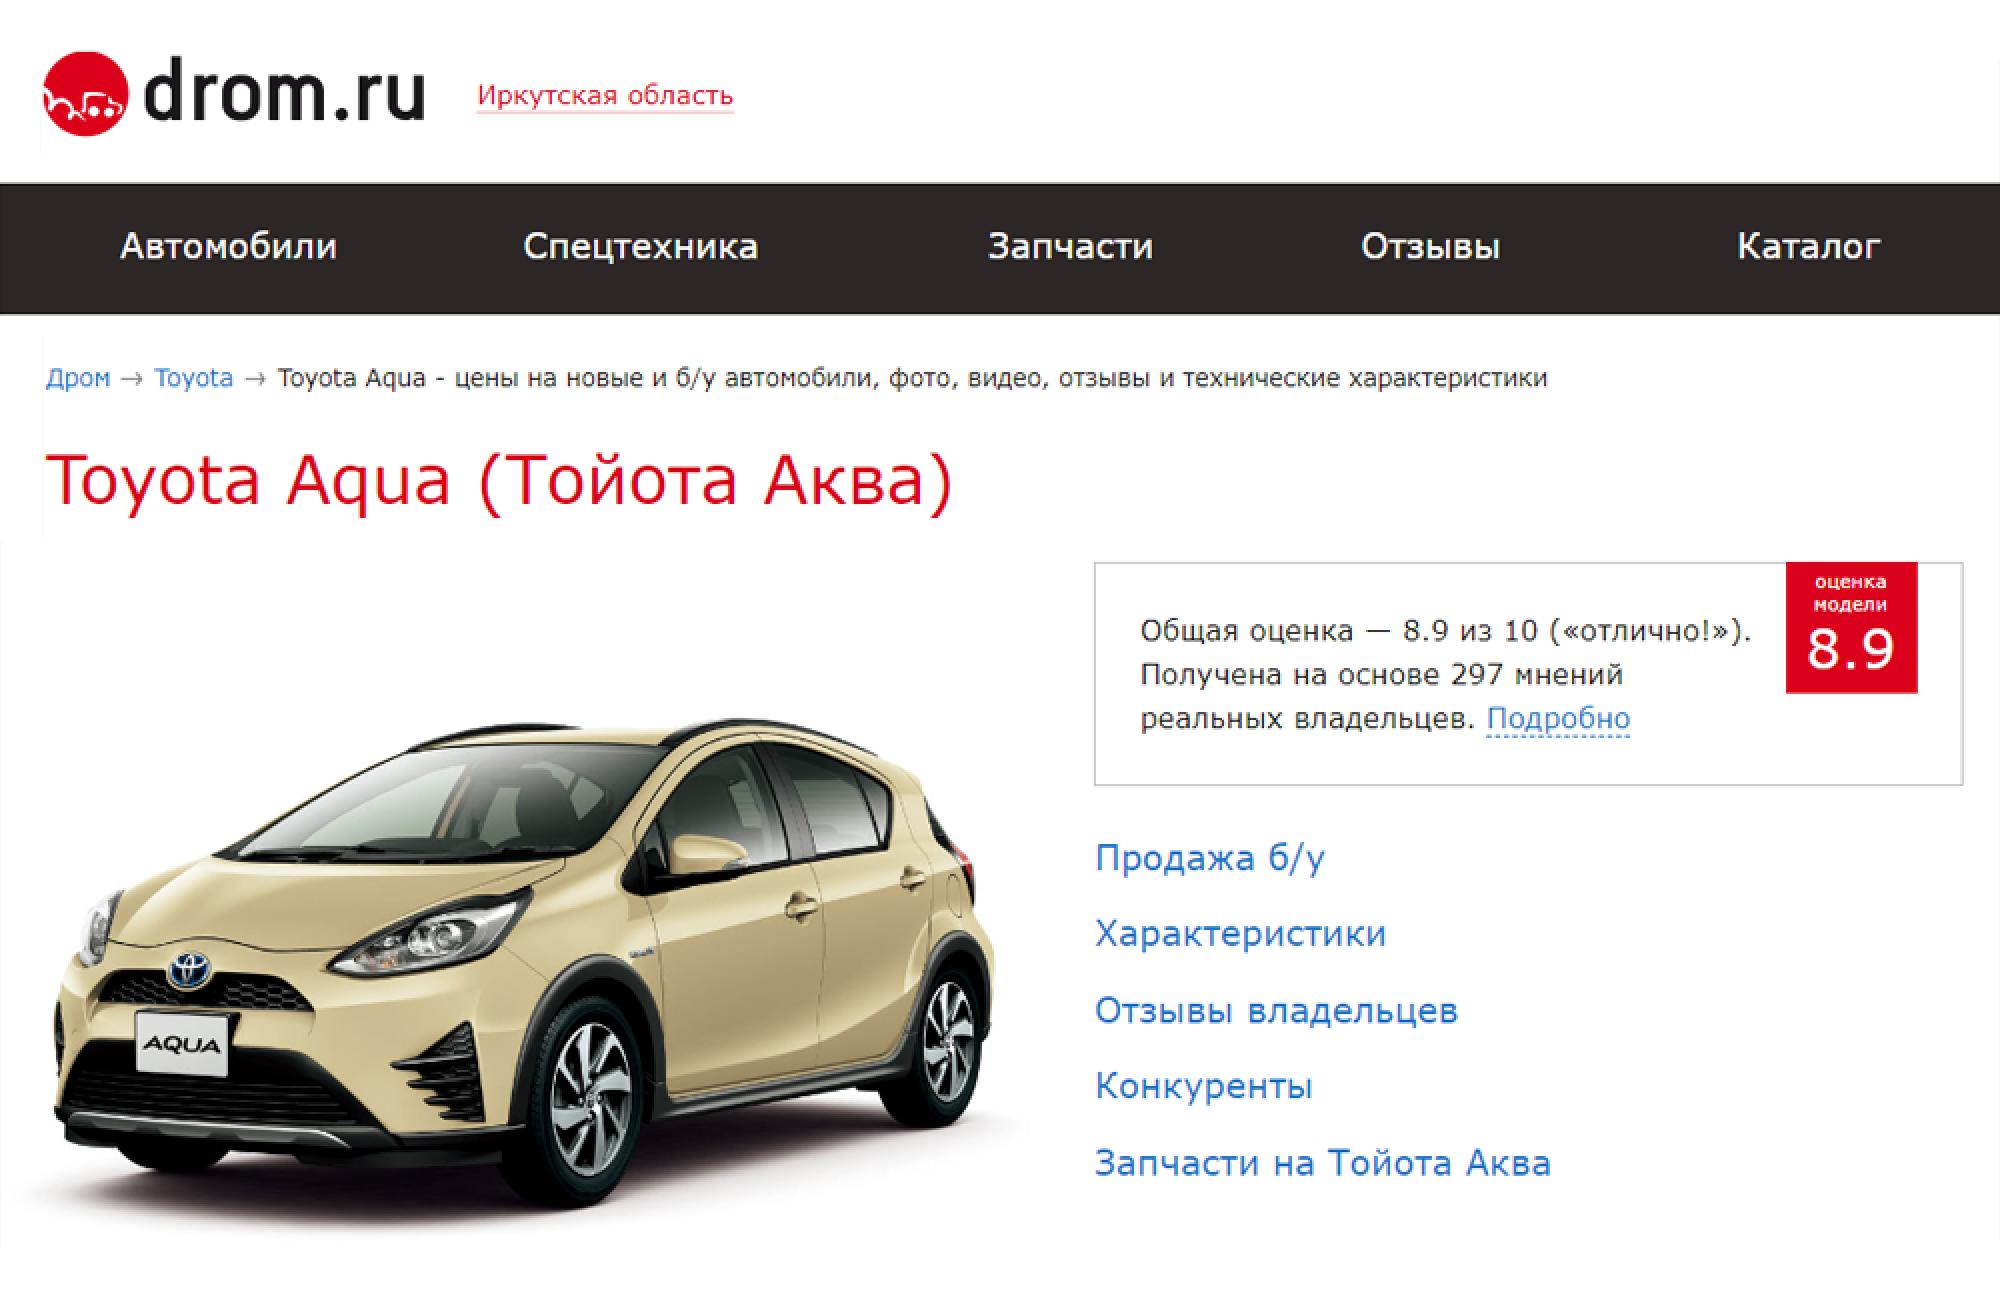 Тойота Аква на «Дроме». Тут можно посмотреть отзывы владельцев, характеристики, актуальные предложения